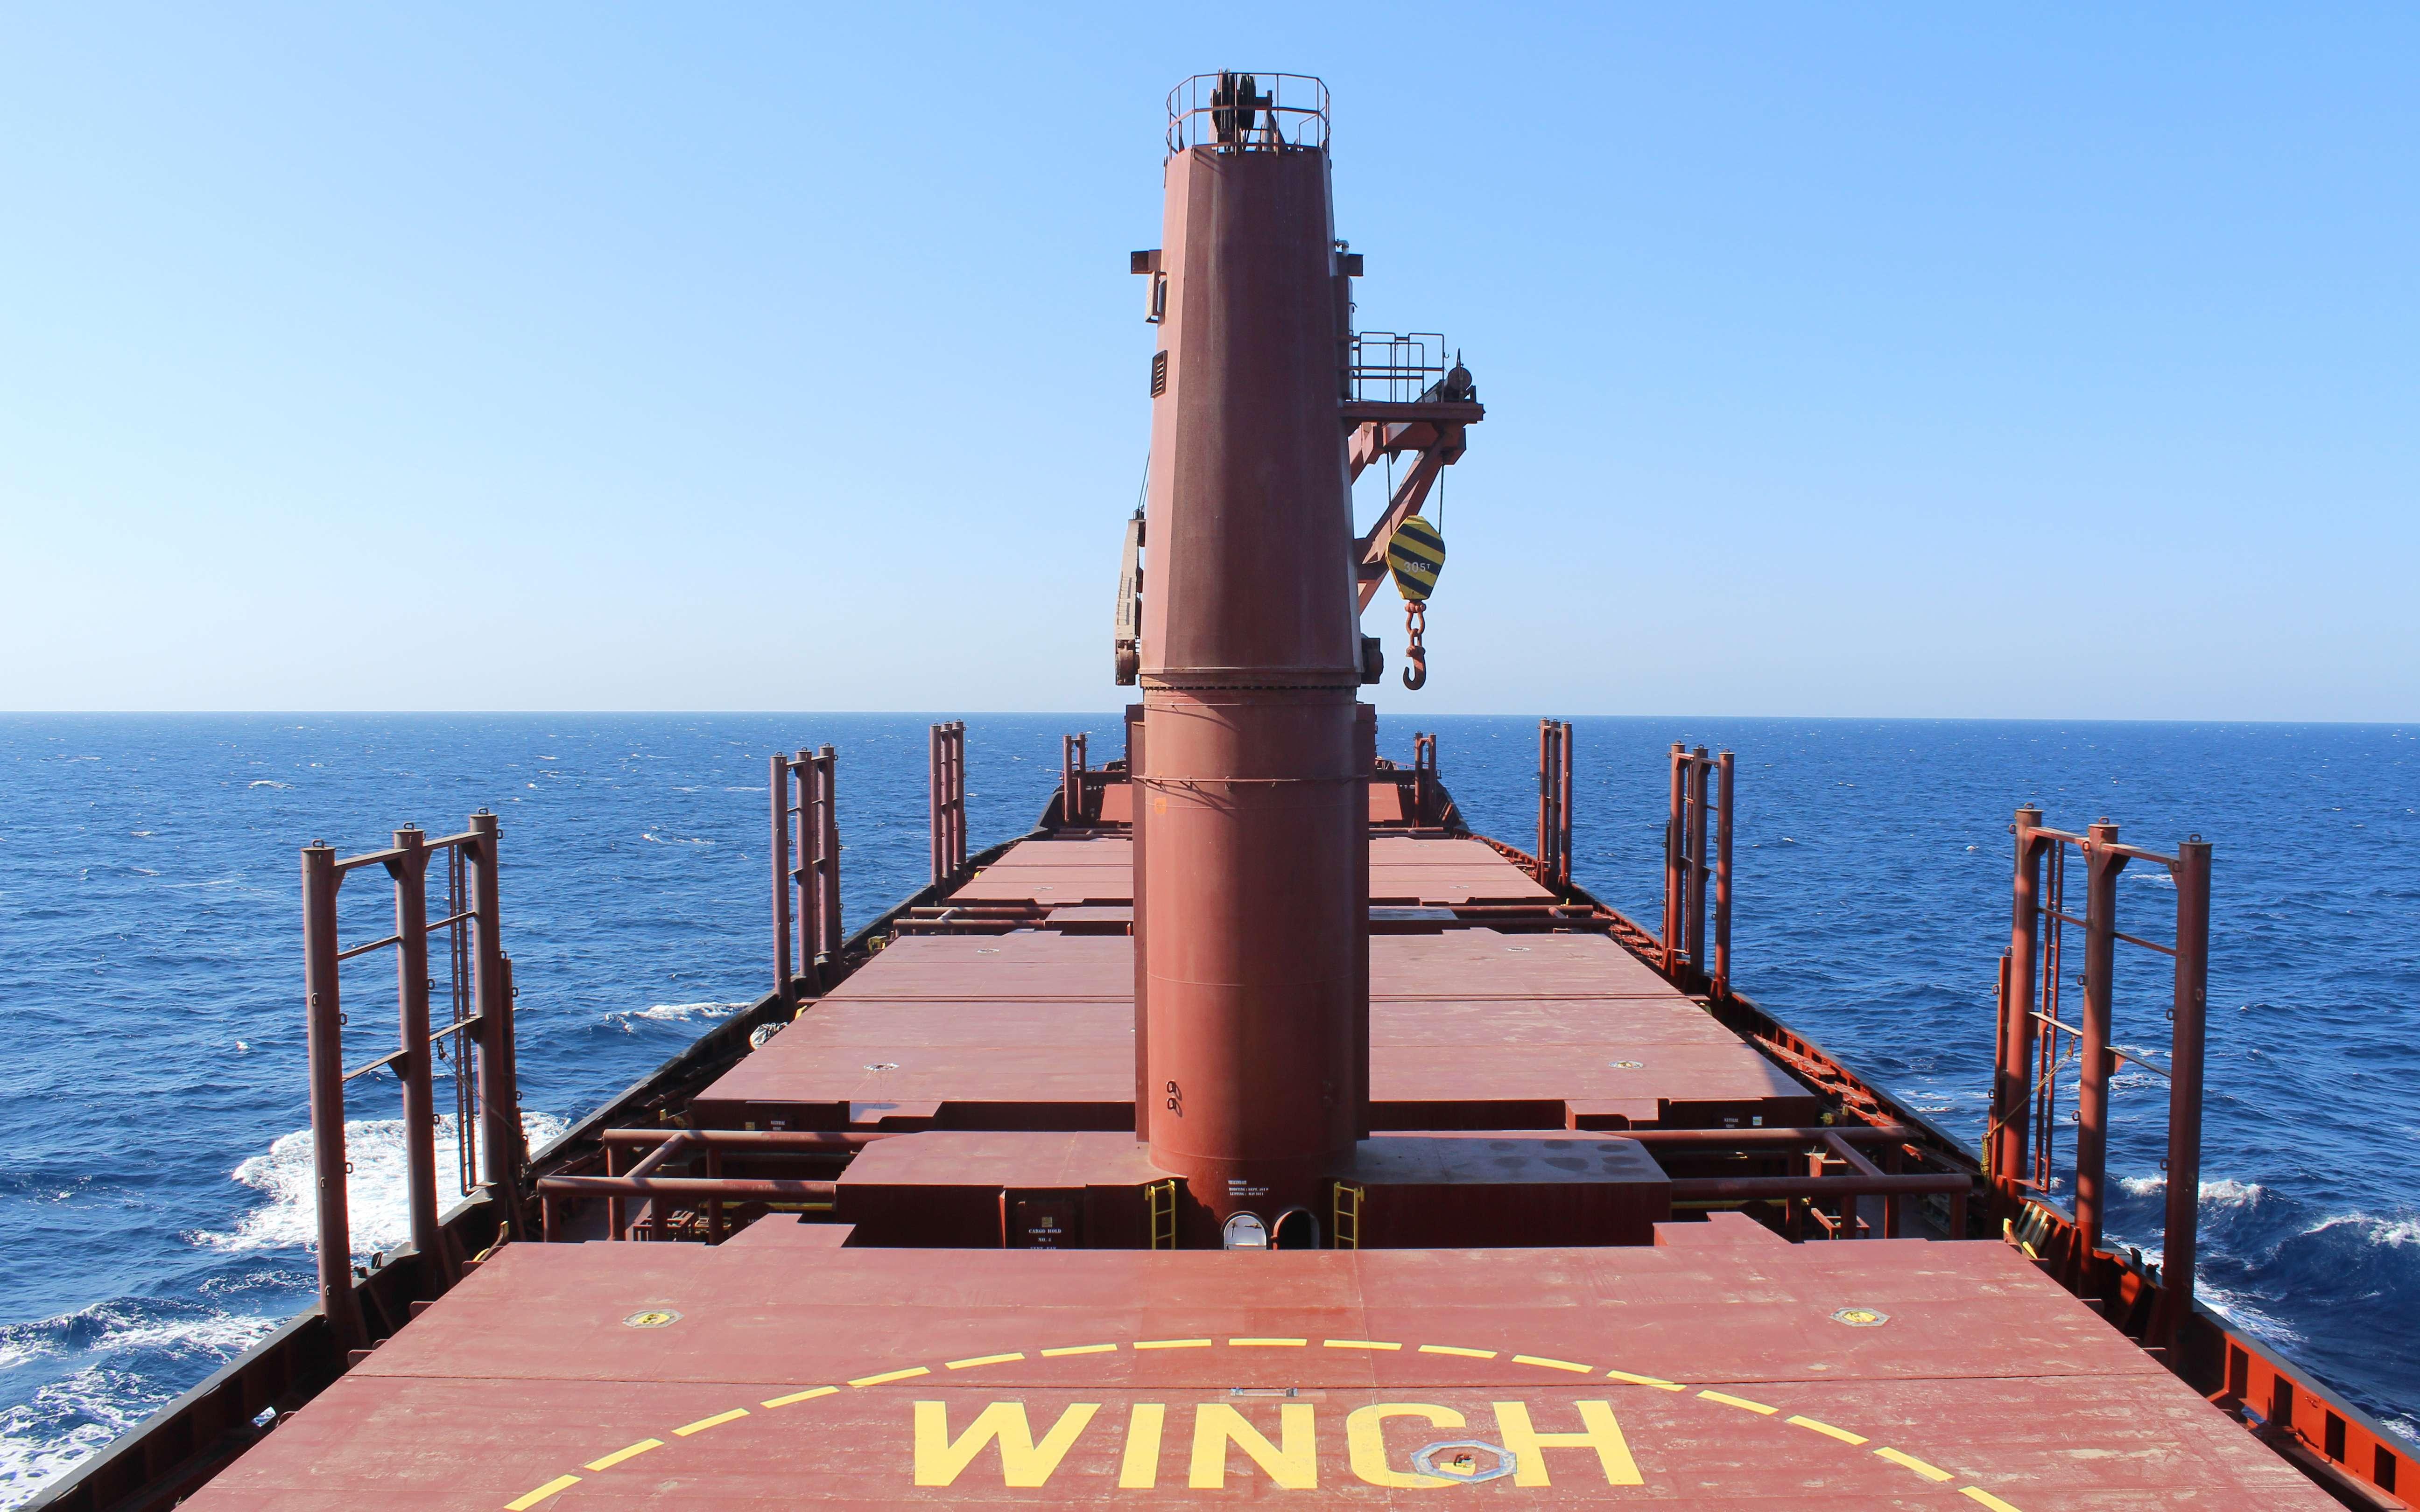 Η Χαλανδριανή ταξιδεύει στη Μεσόγειο. (Φωτογραφία: Γιάννης Παλαιολόγος)